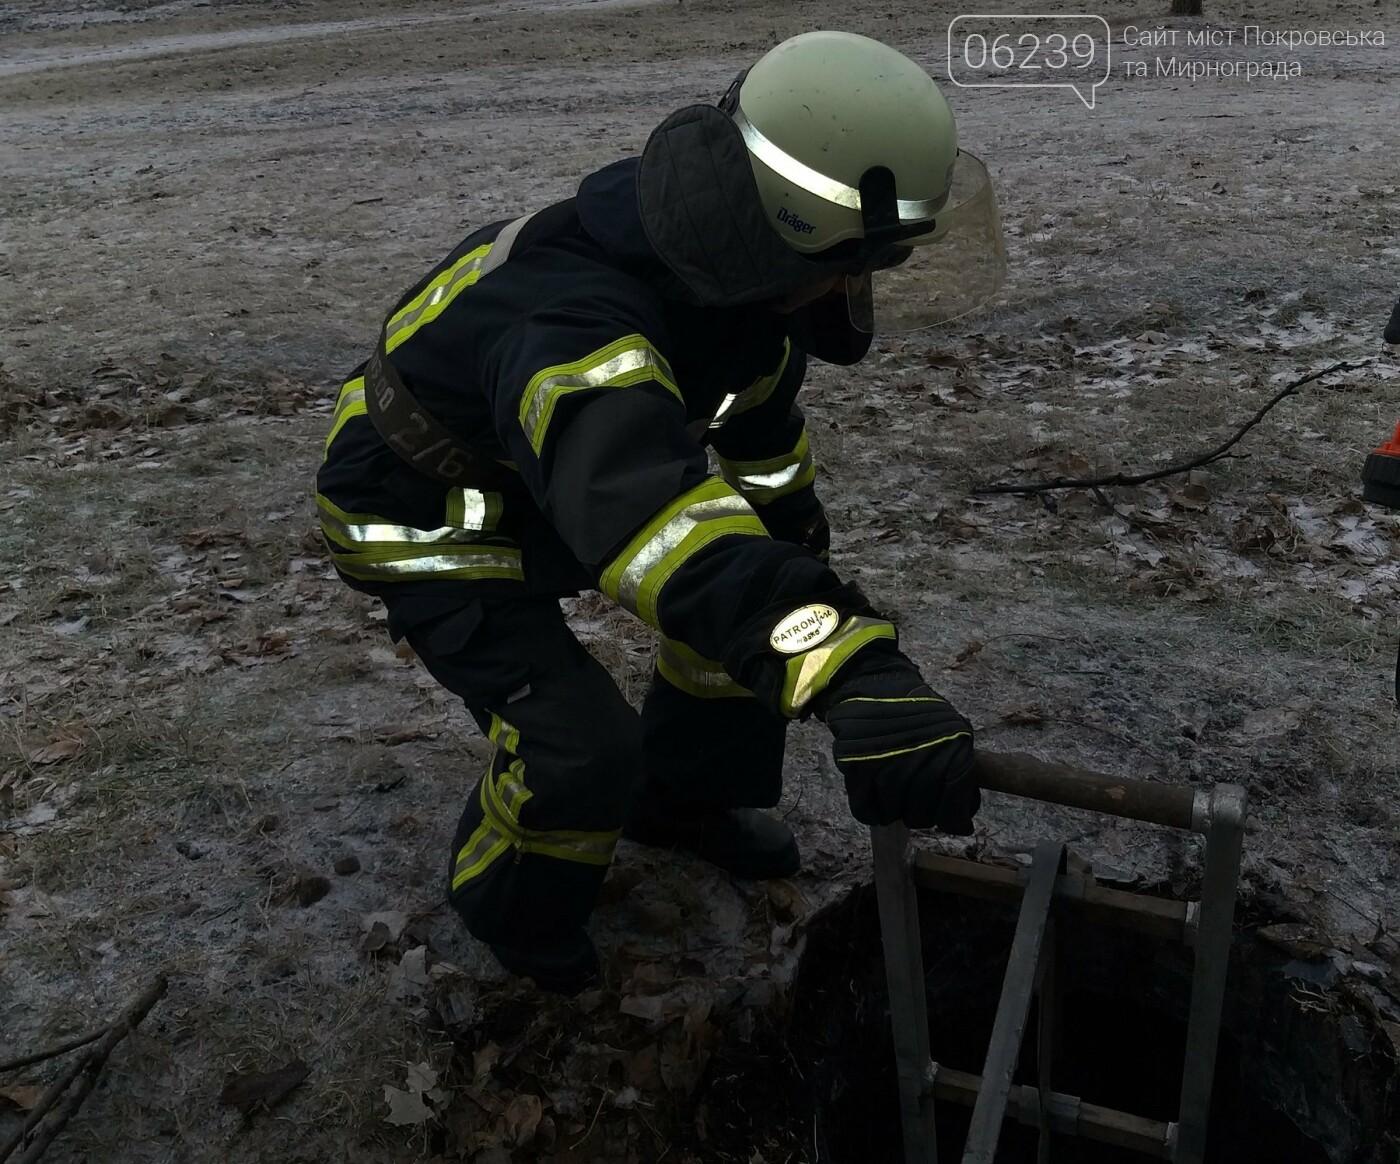 У Покровську бійці ДСНС врятували собаку, який впав у каналізаційний колодязь, фото-1